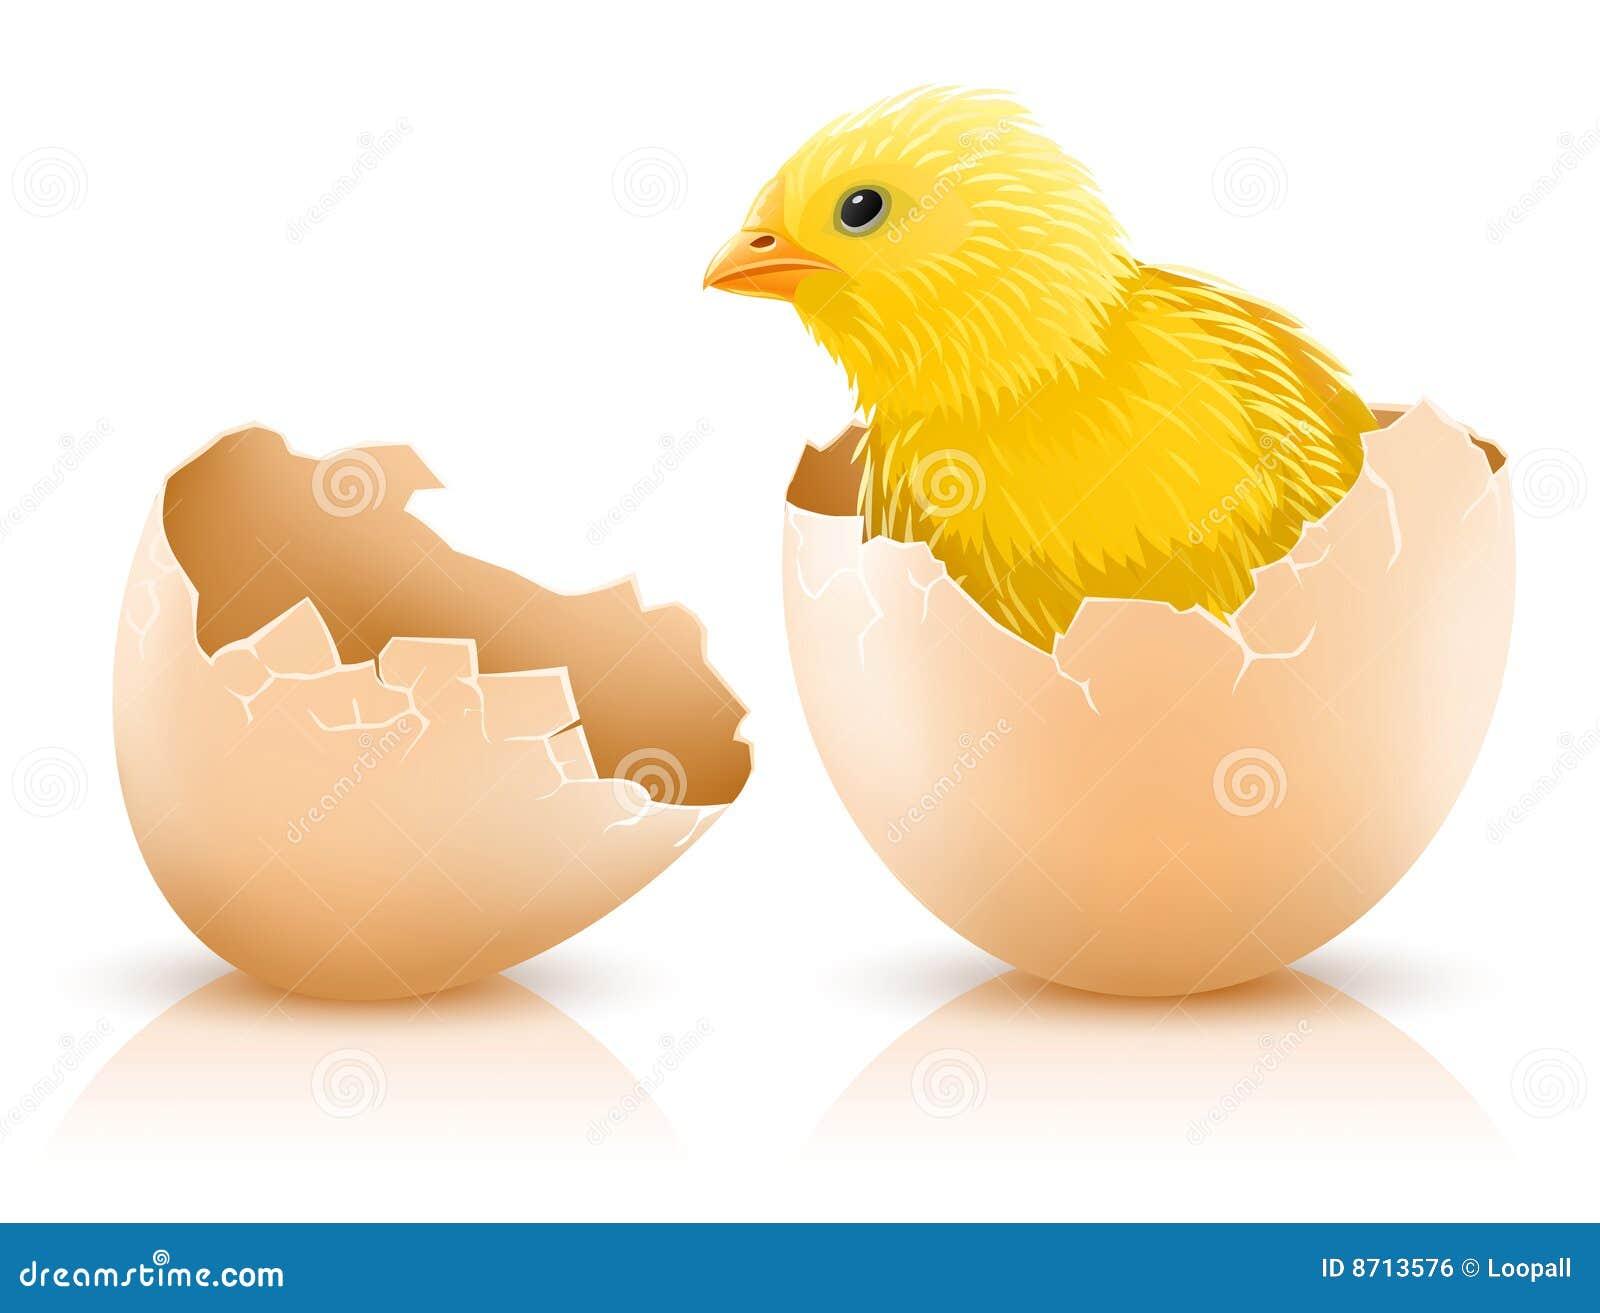 Huevo de gallina agrietado con el bebé del pollo adentro